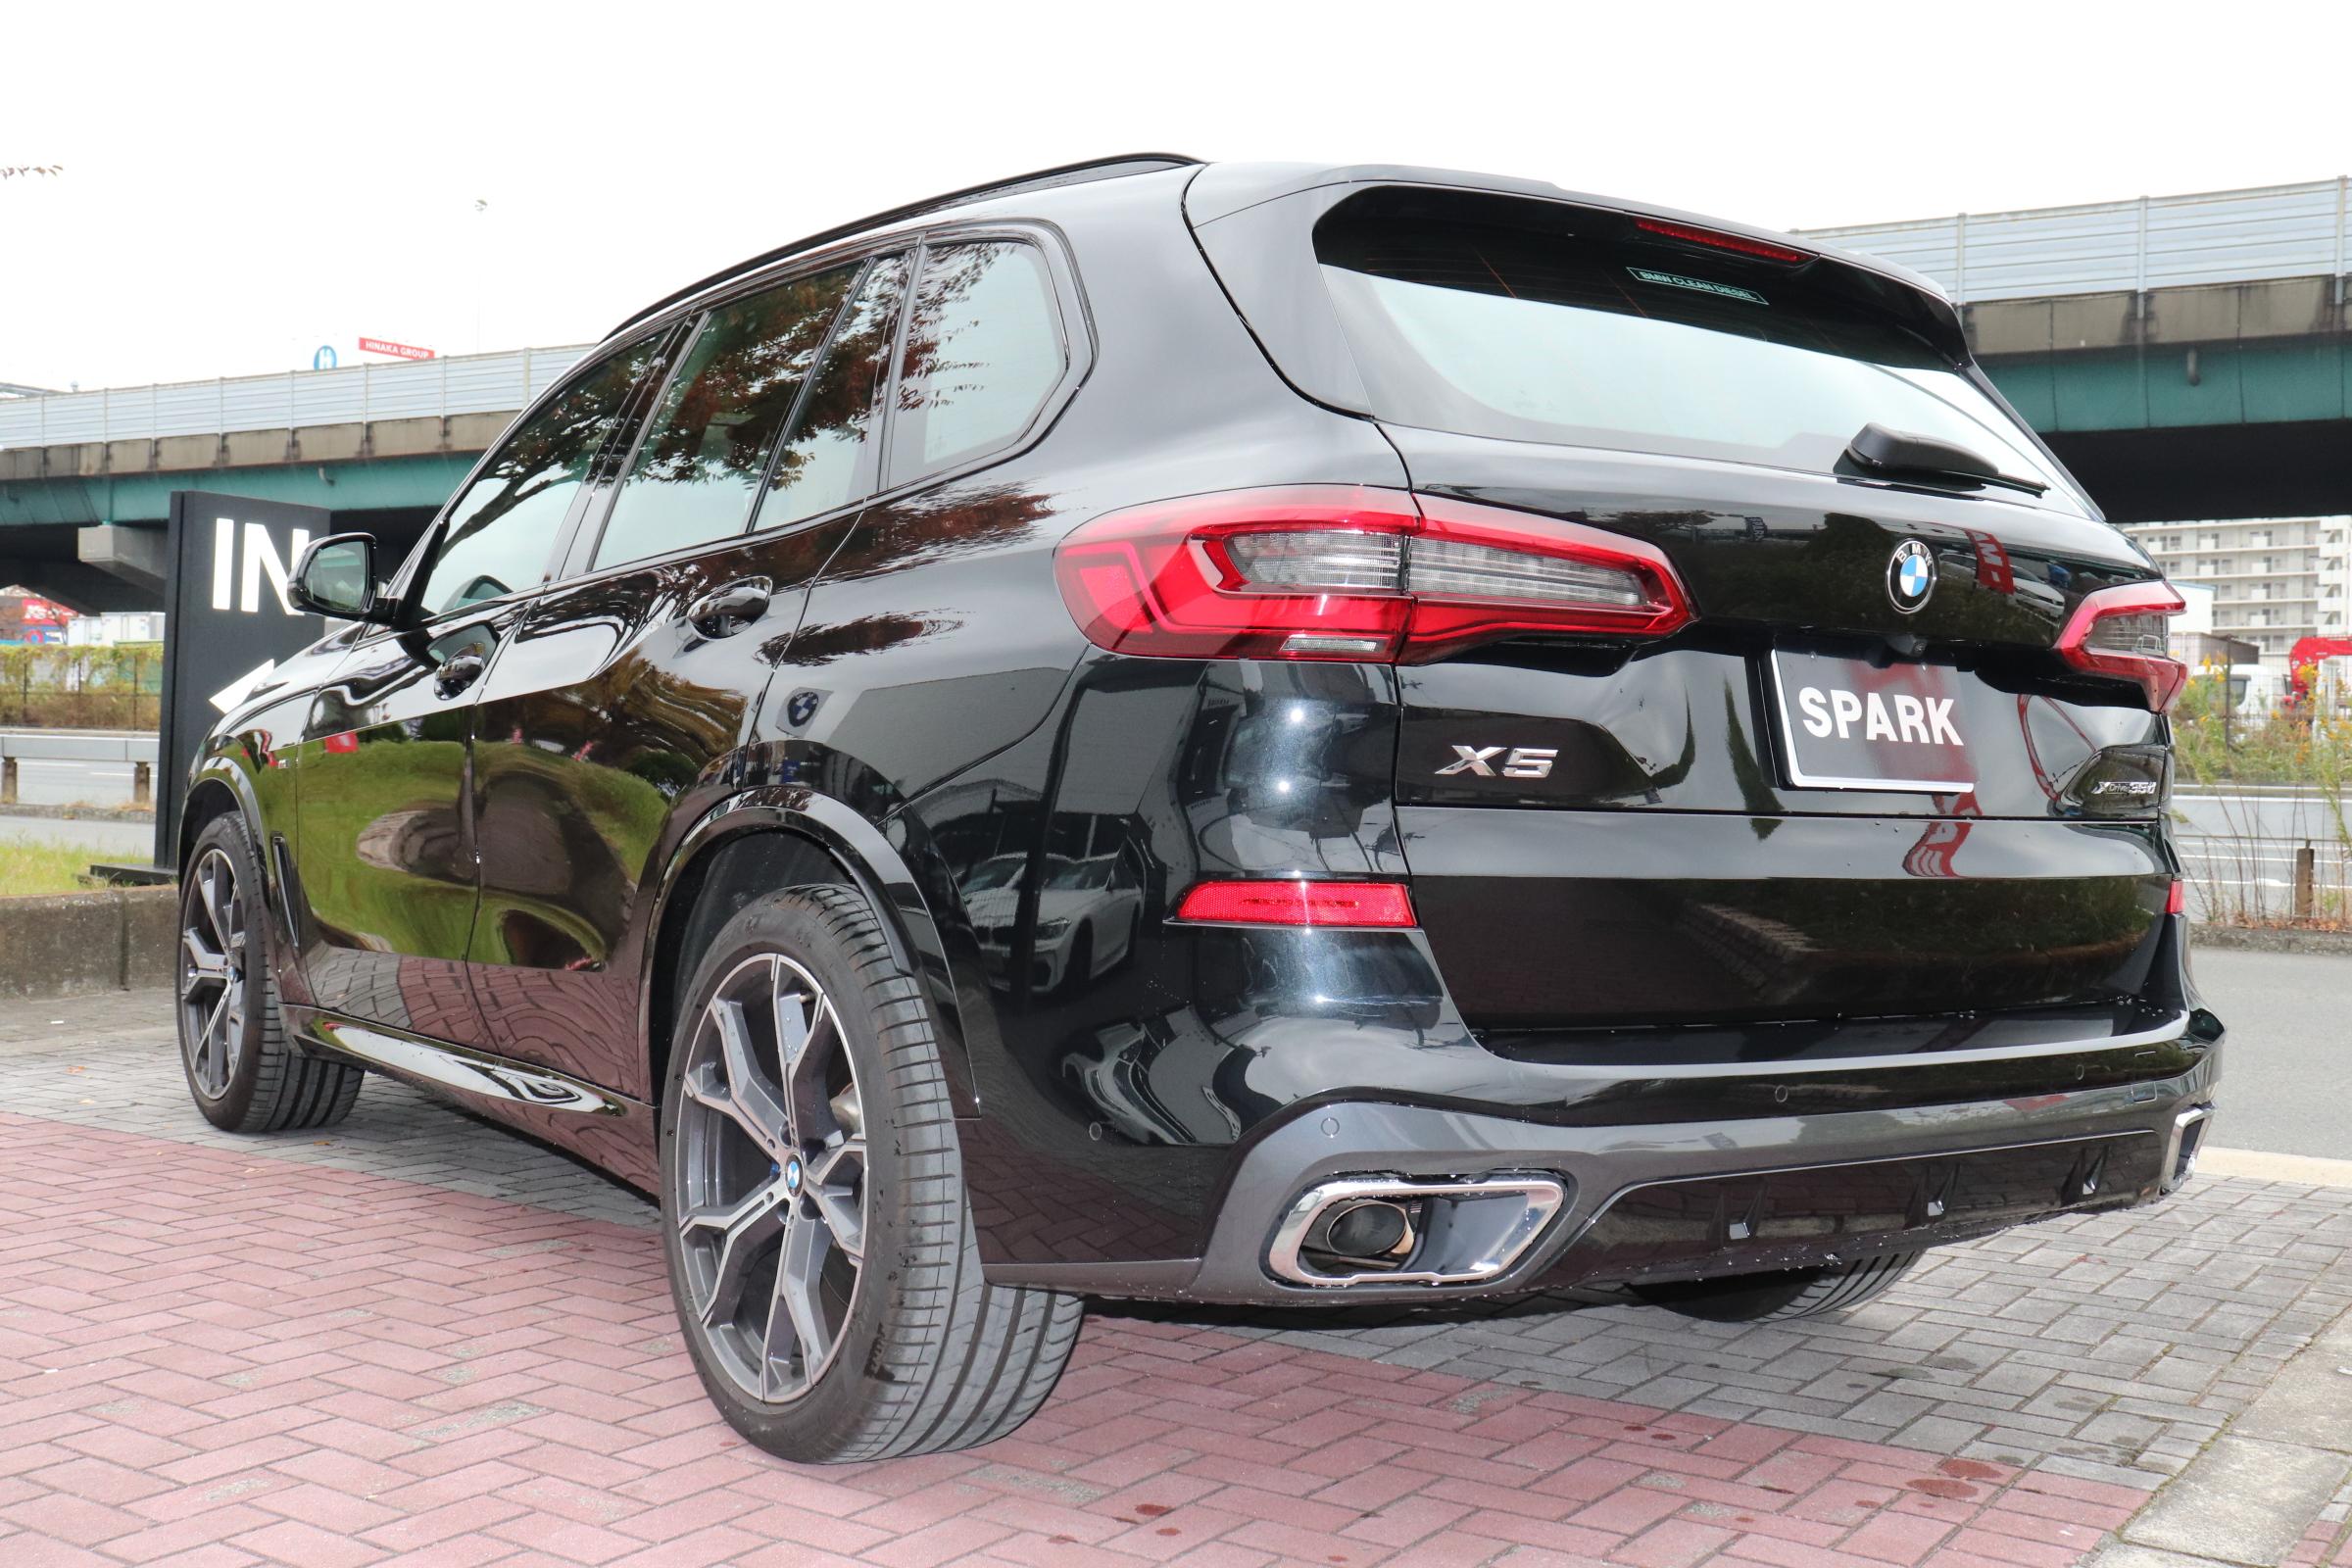 X5 xDrive 35d Mスポーツ ドライビングダイナミクスパッケージ エアサス サンルーフ 21インチAW車両画像06